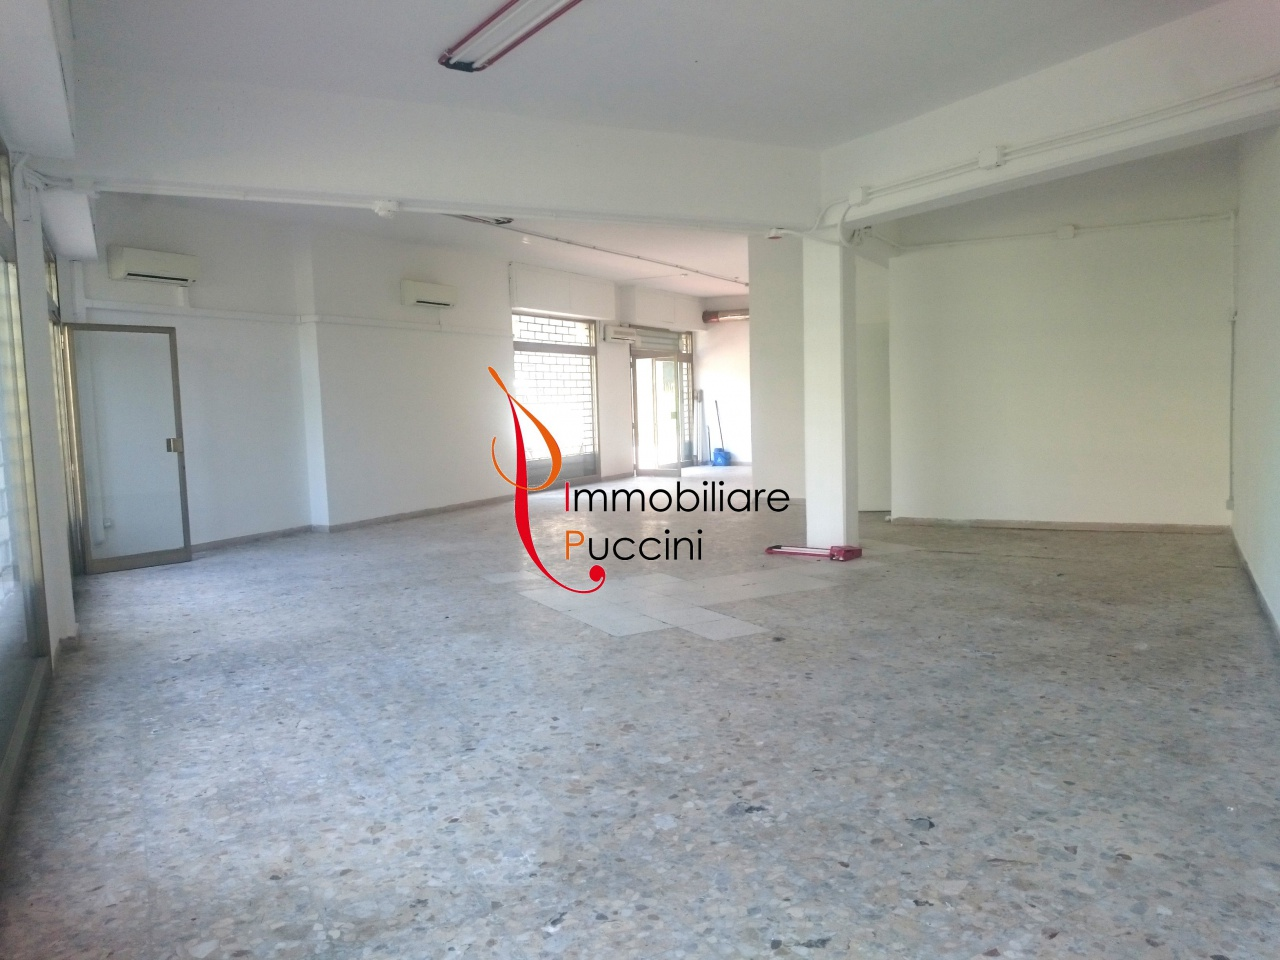 Negozio / Locale in affitto a Campi Bisenzio, 1 locali, prezzo € 1.500 | CambioCasa.it